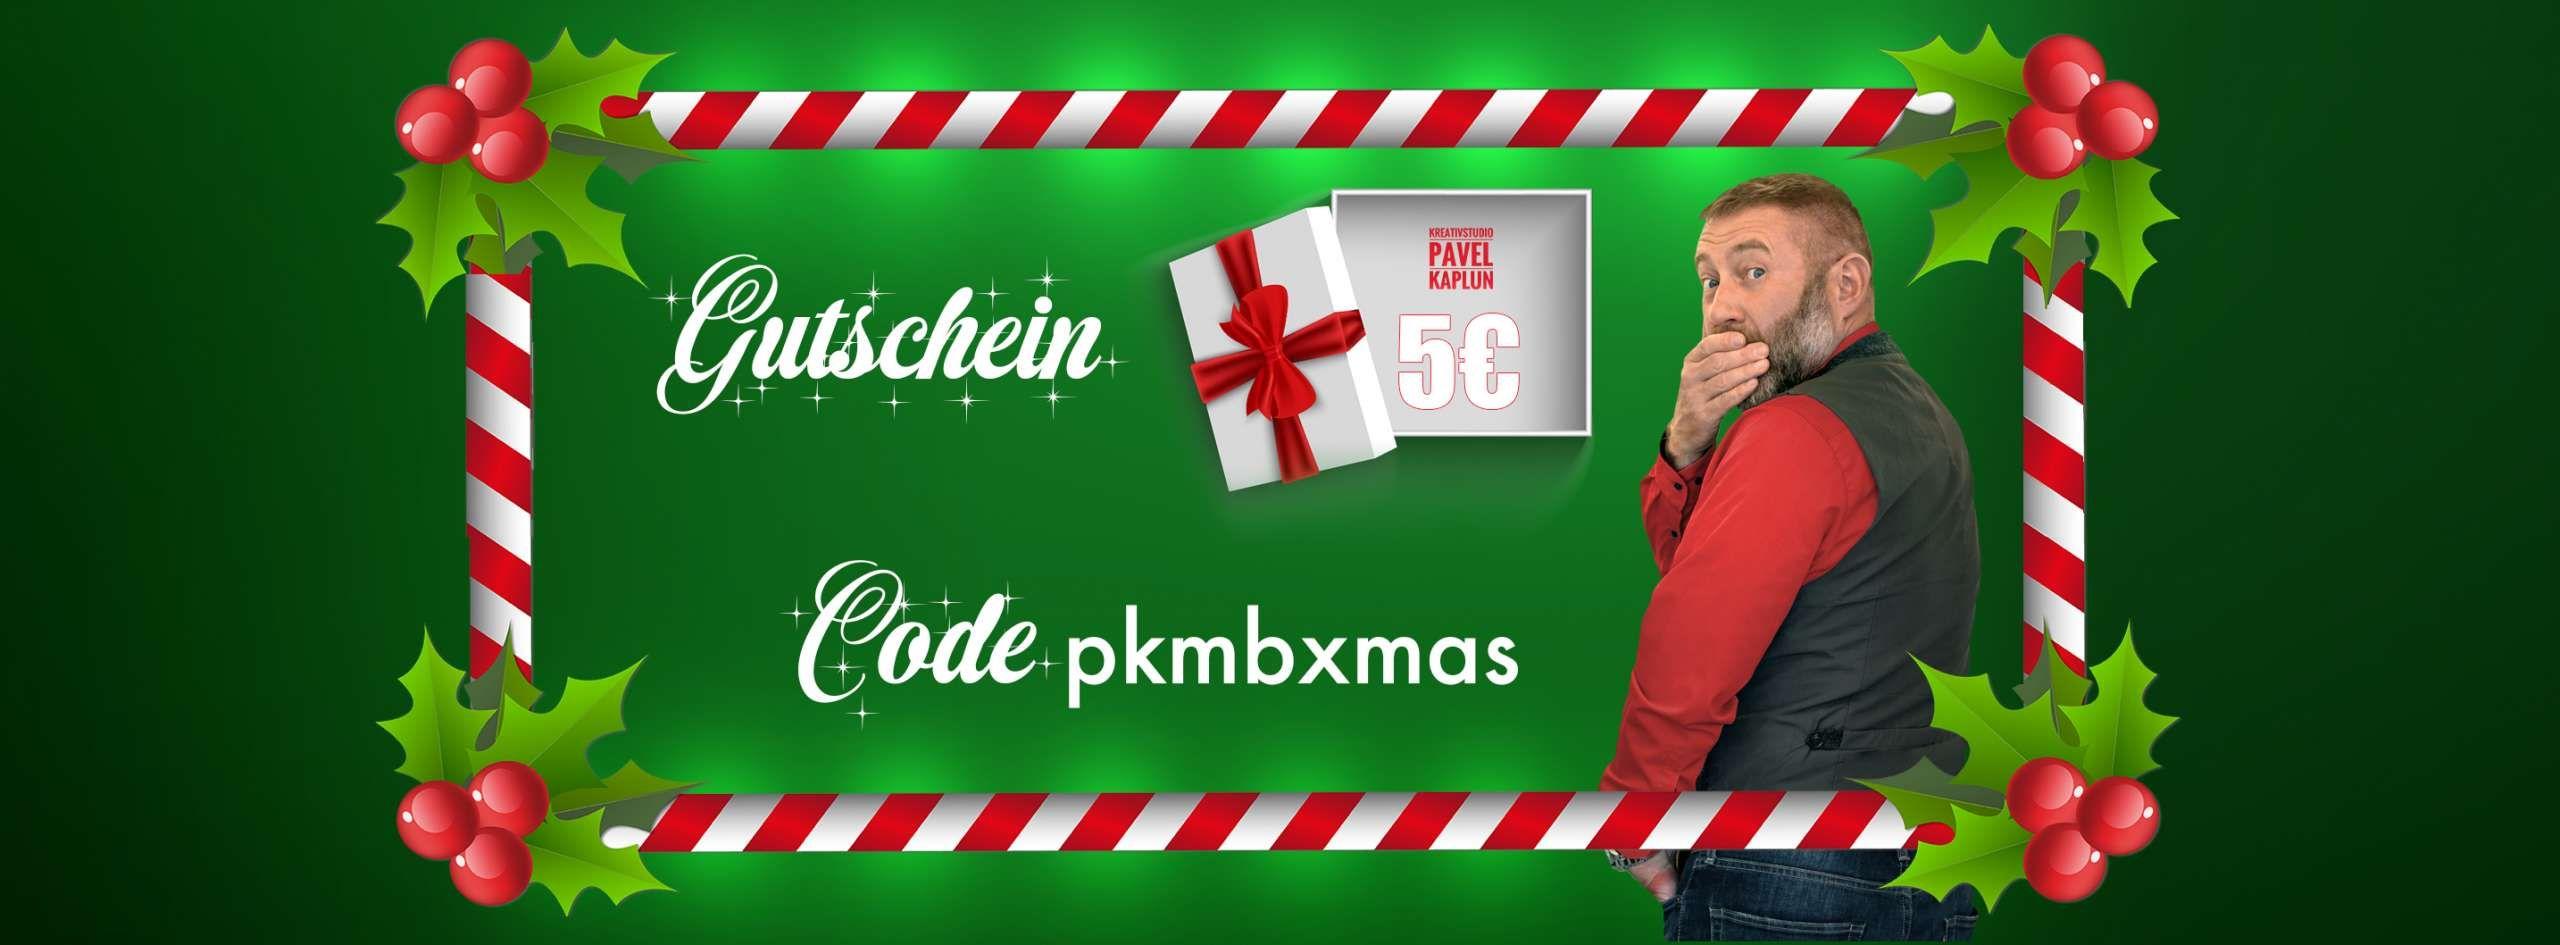 5€ Onlineshop-Gutschein für alle - MBW: 9,99 Euro - Kreativstudio Pavel Kaplun